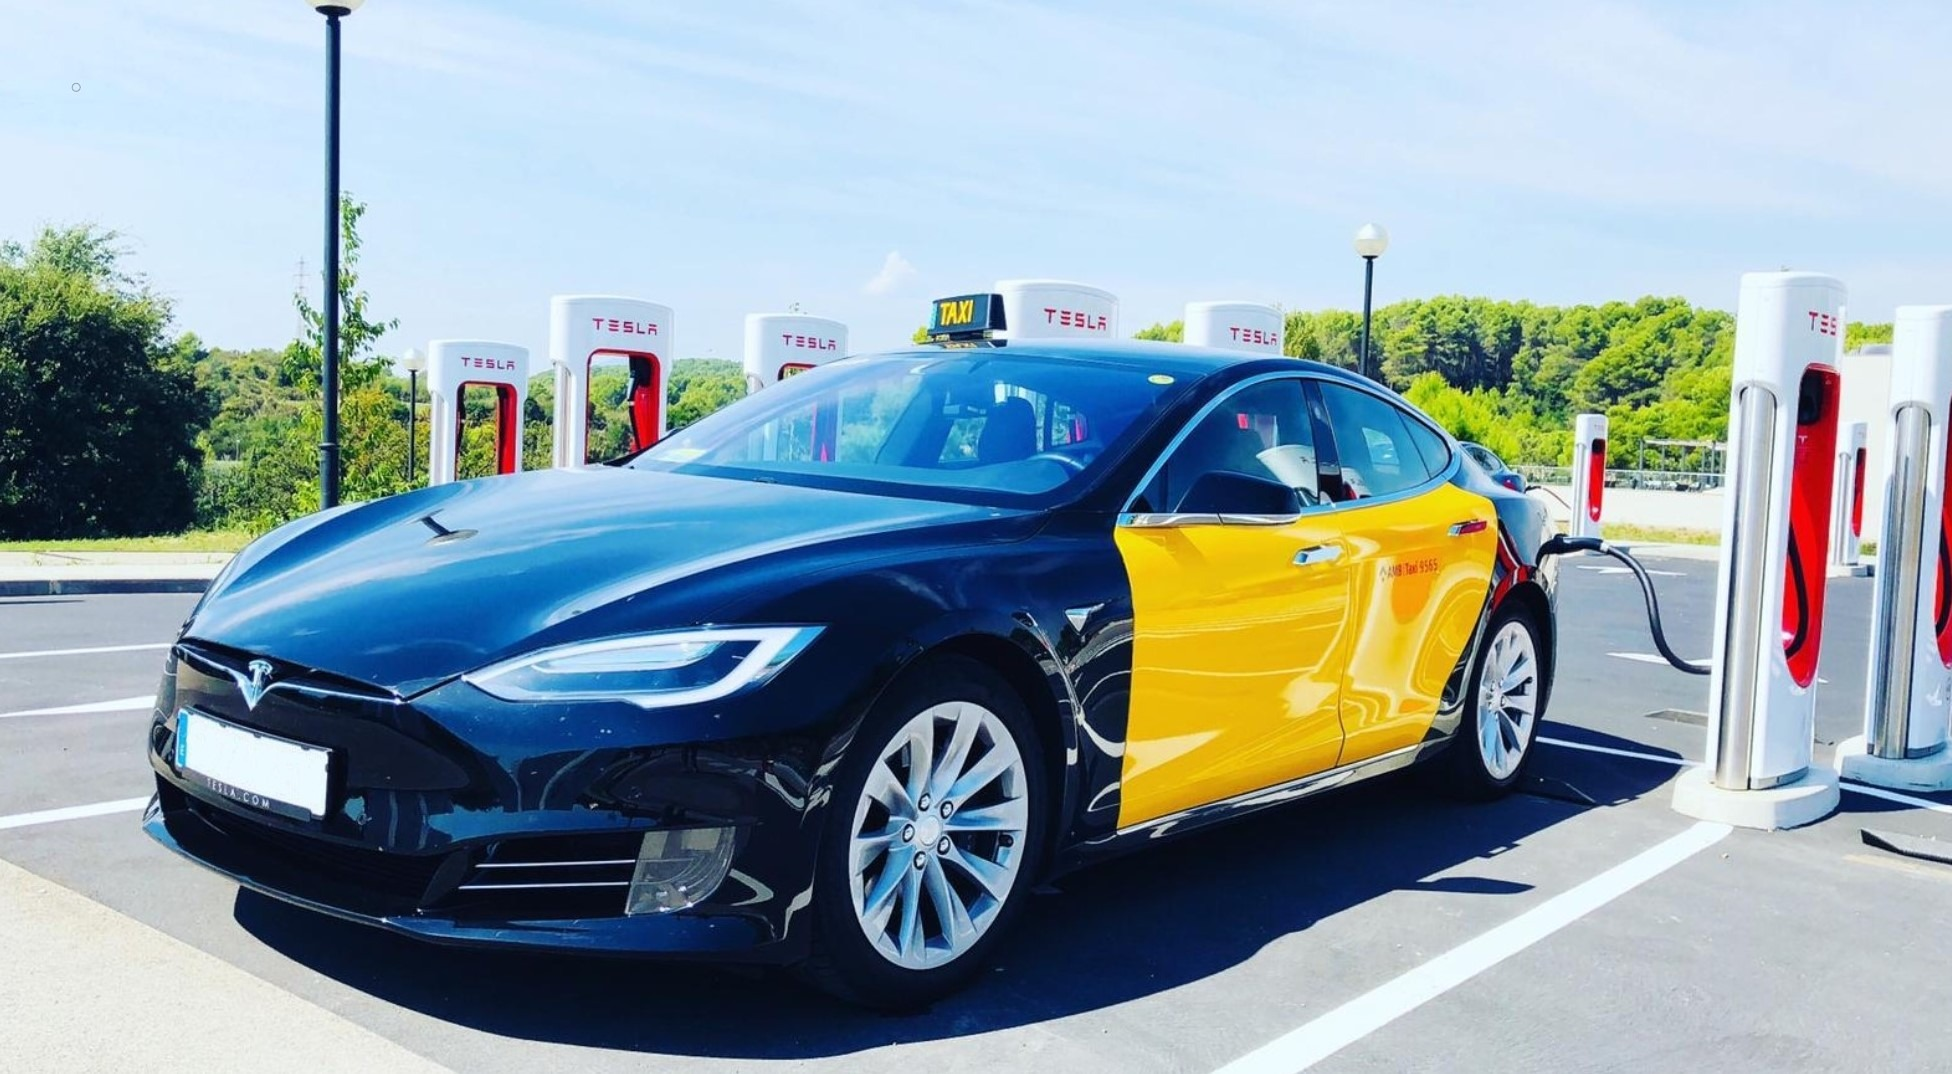 Tesla_Taxi_Barcelona_931294375